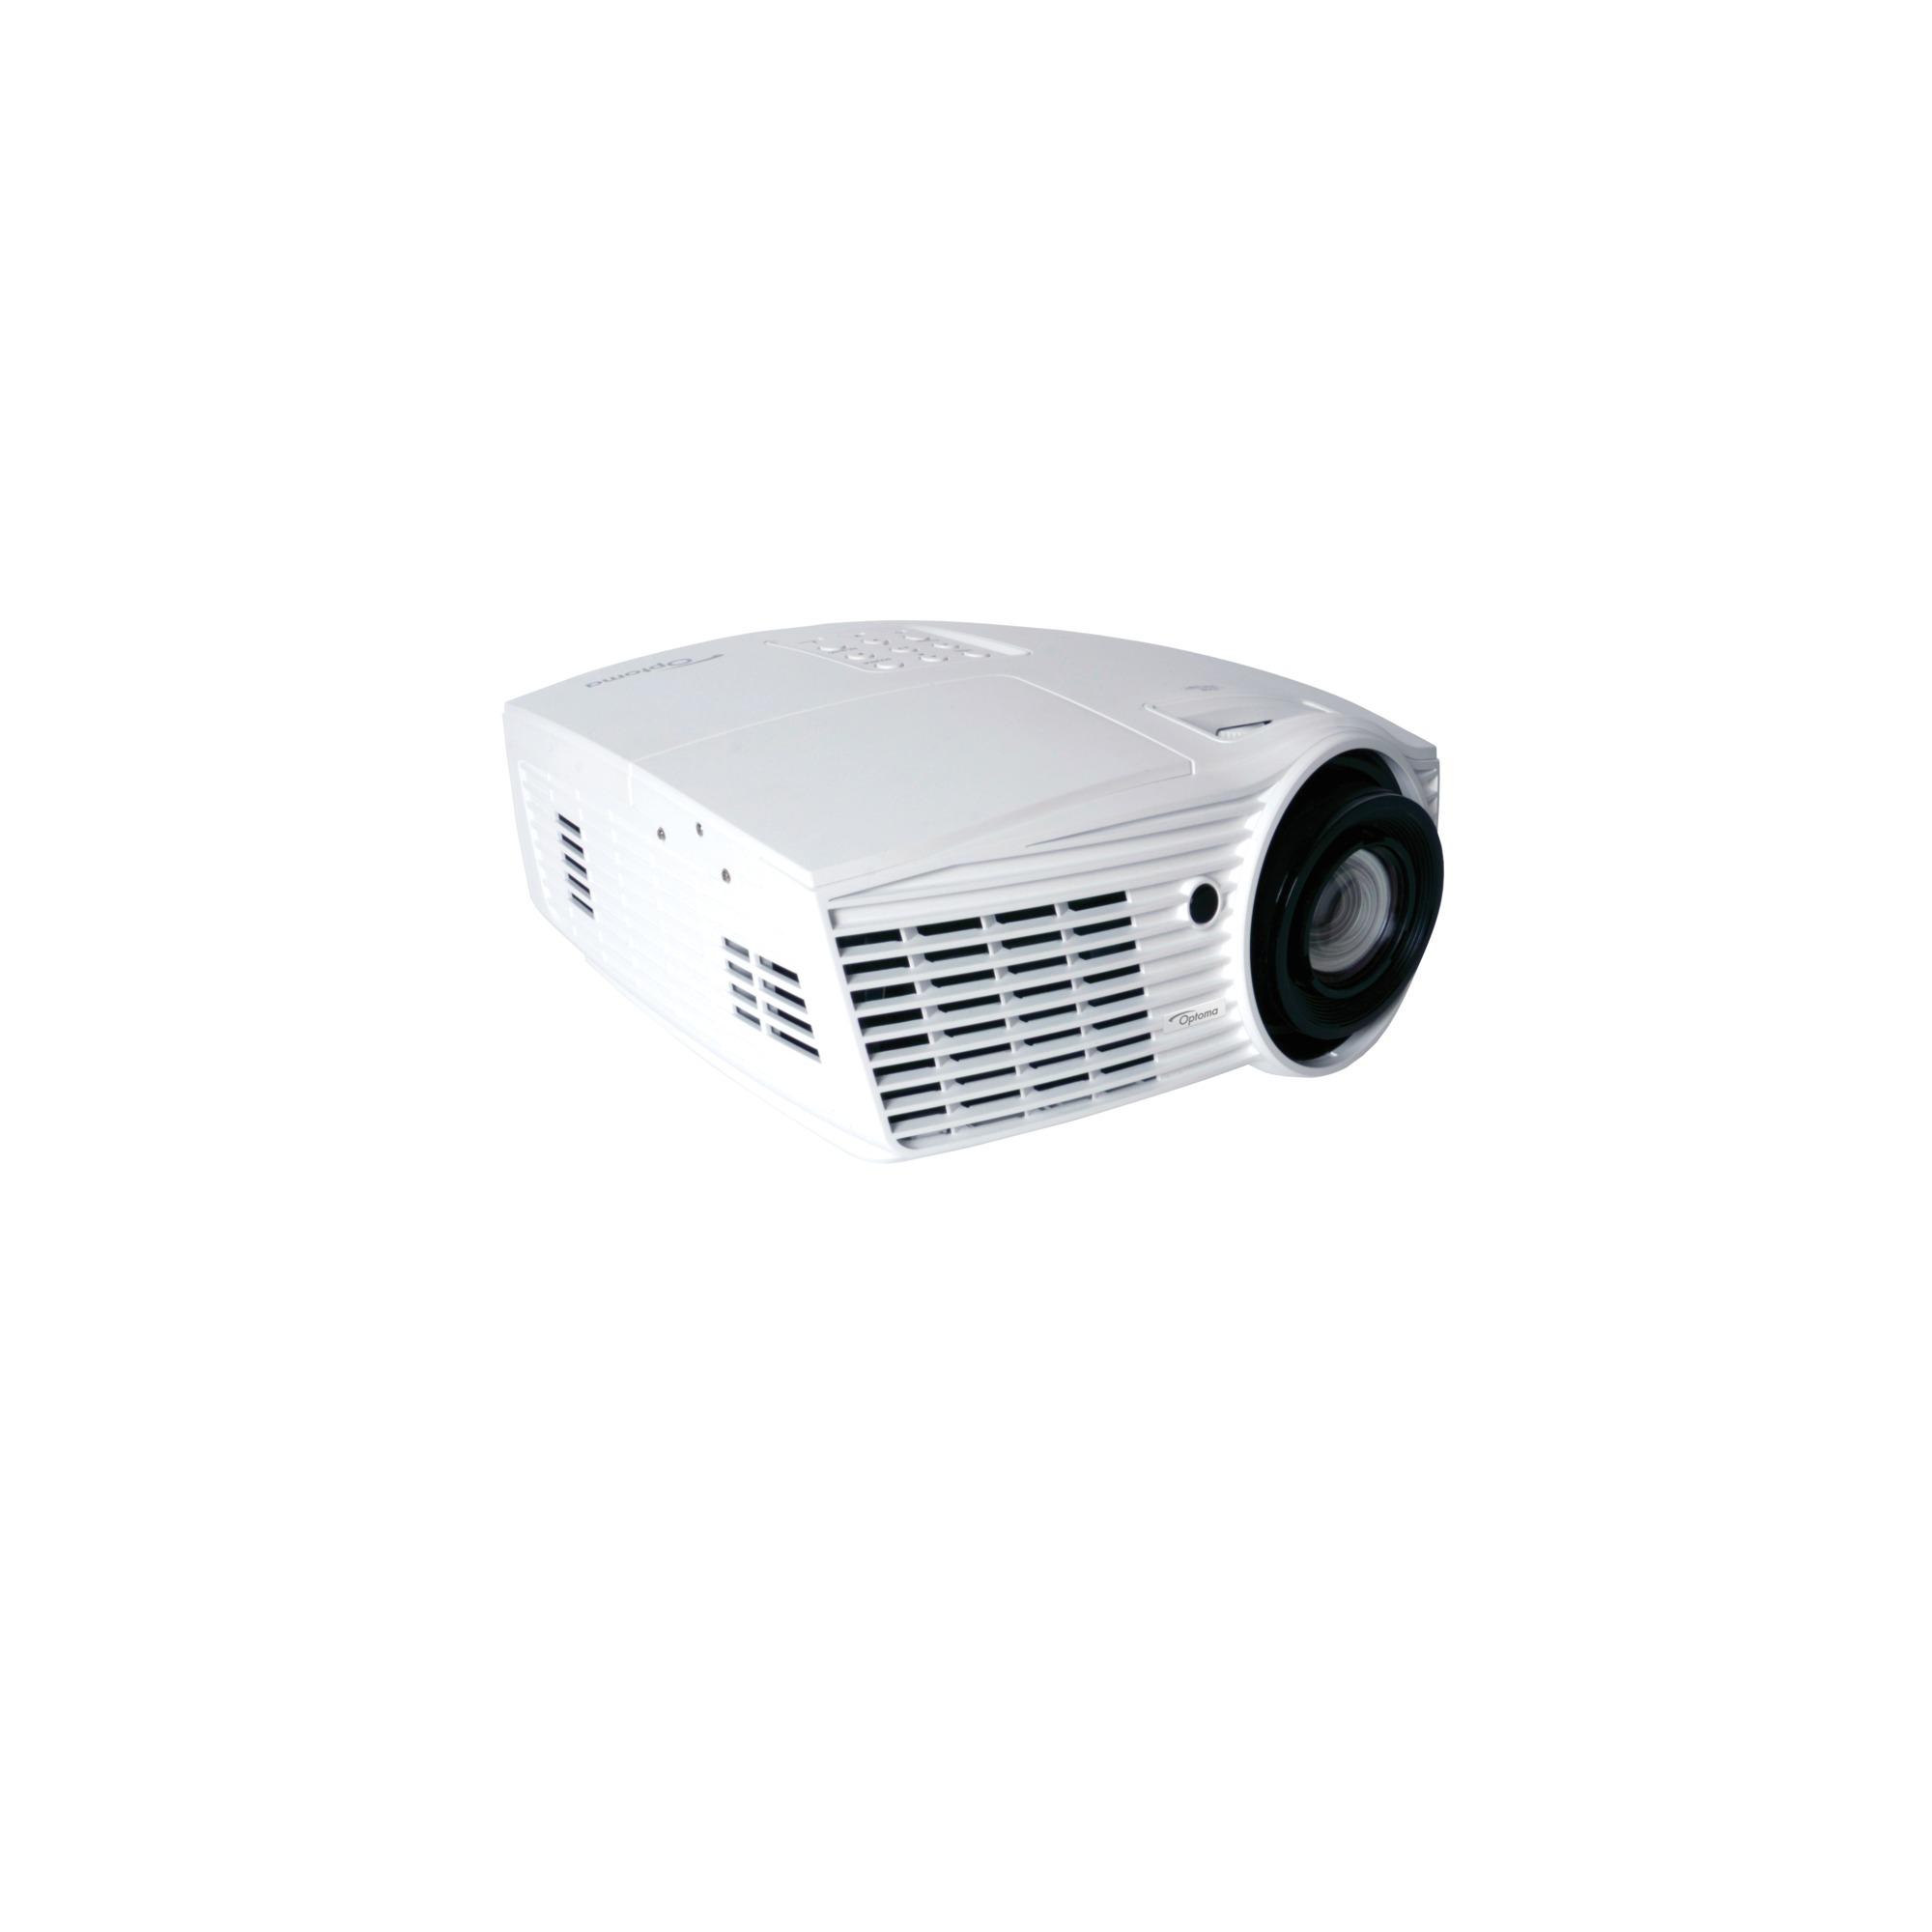 W415e Projecteur de bureau 4500ANSI lumens DLP WXGA (1280x800) Compatibilité 3D Blanc vidéo-projecteur, Projecteur DLP